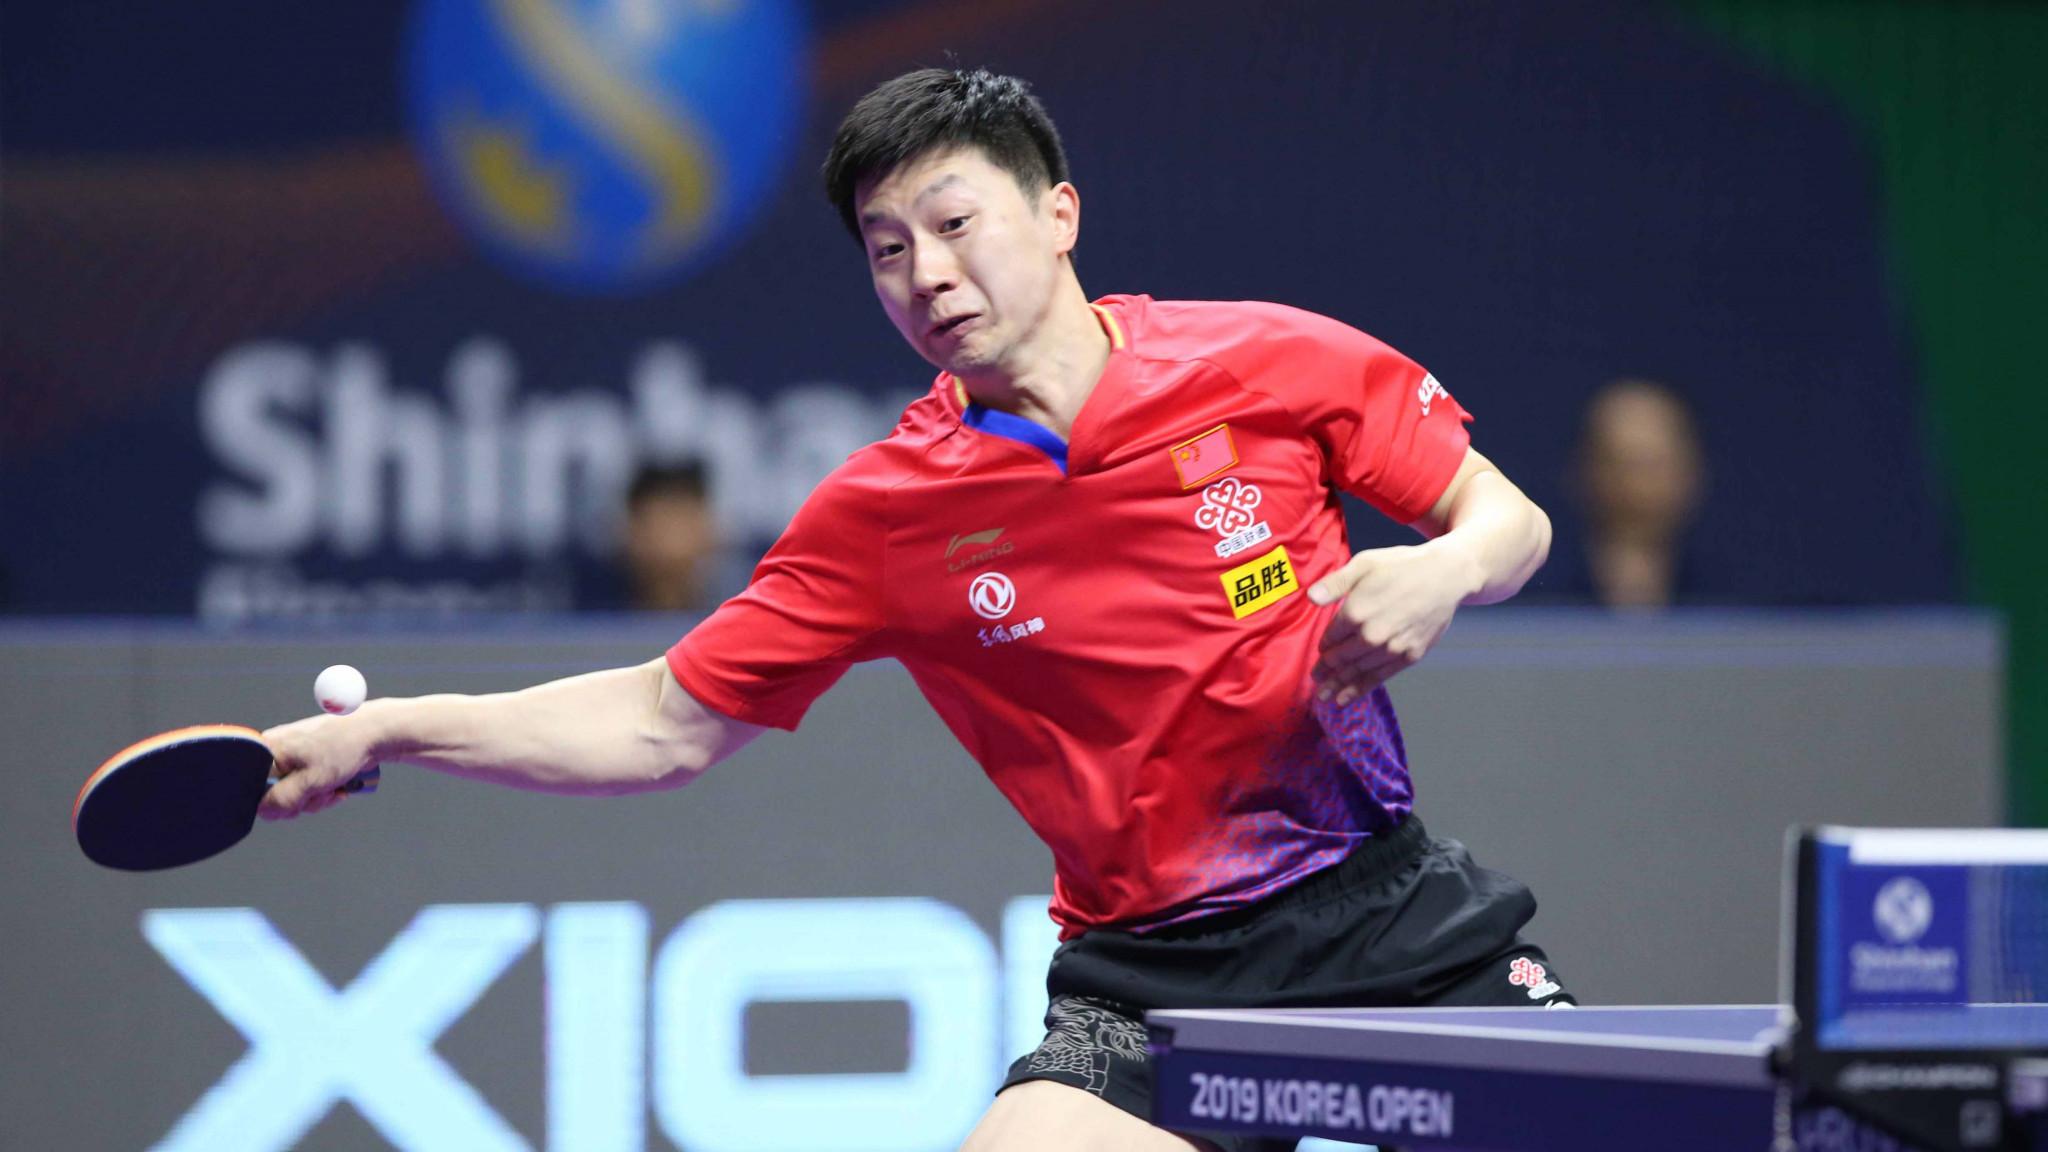 Ma comes through tough test to reach ITTF Korea Open quarter-finals